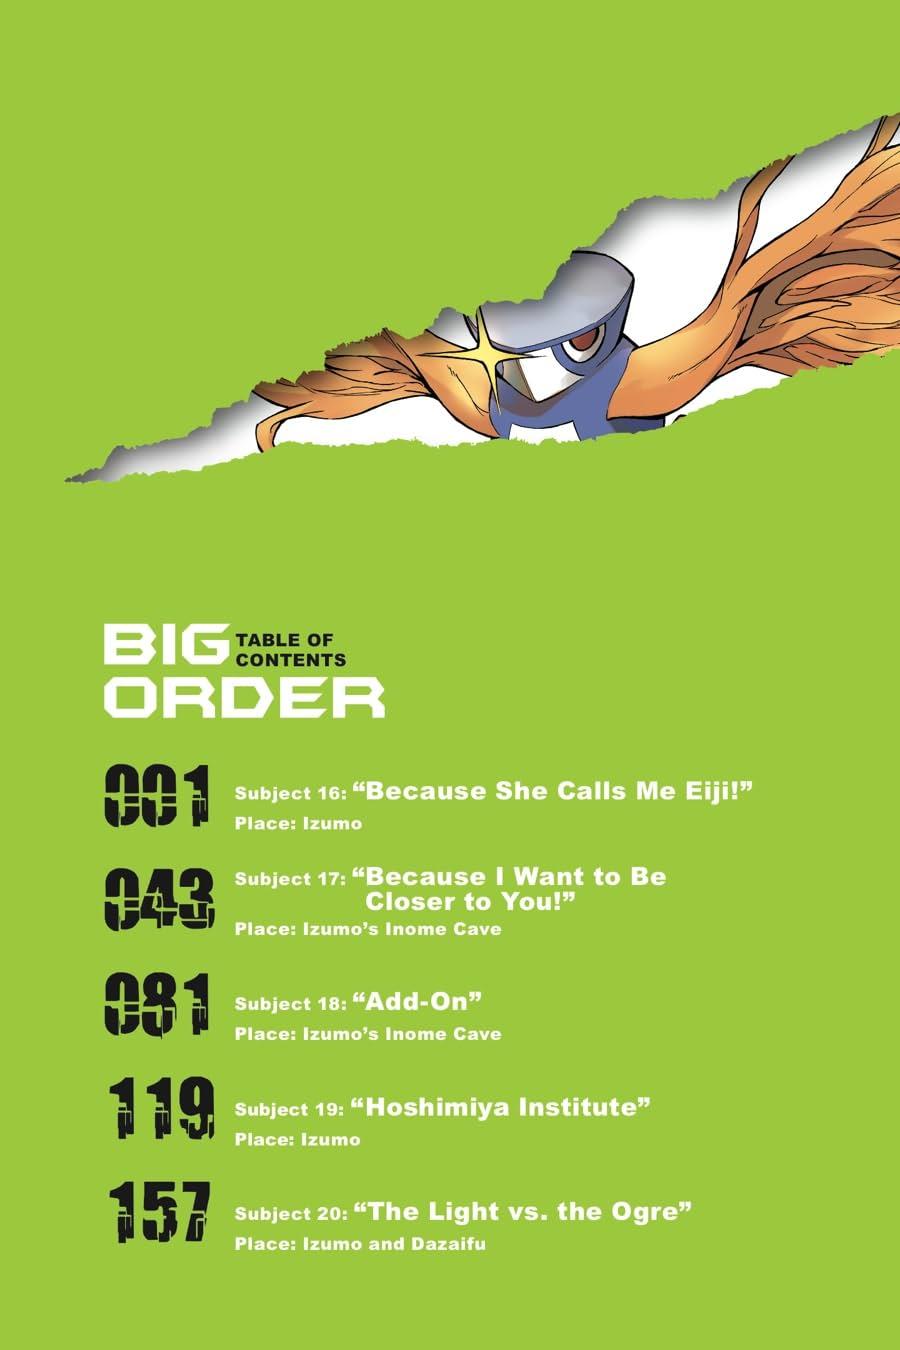 Big Order Vol. 4